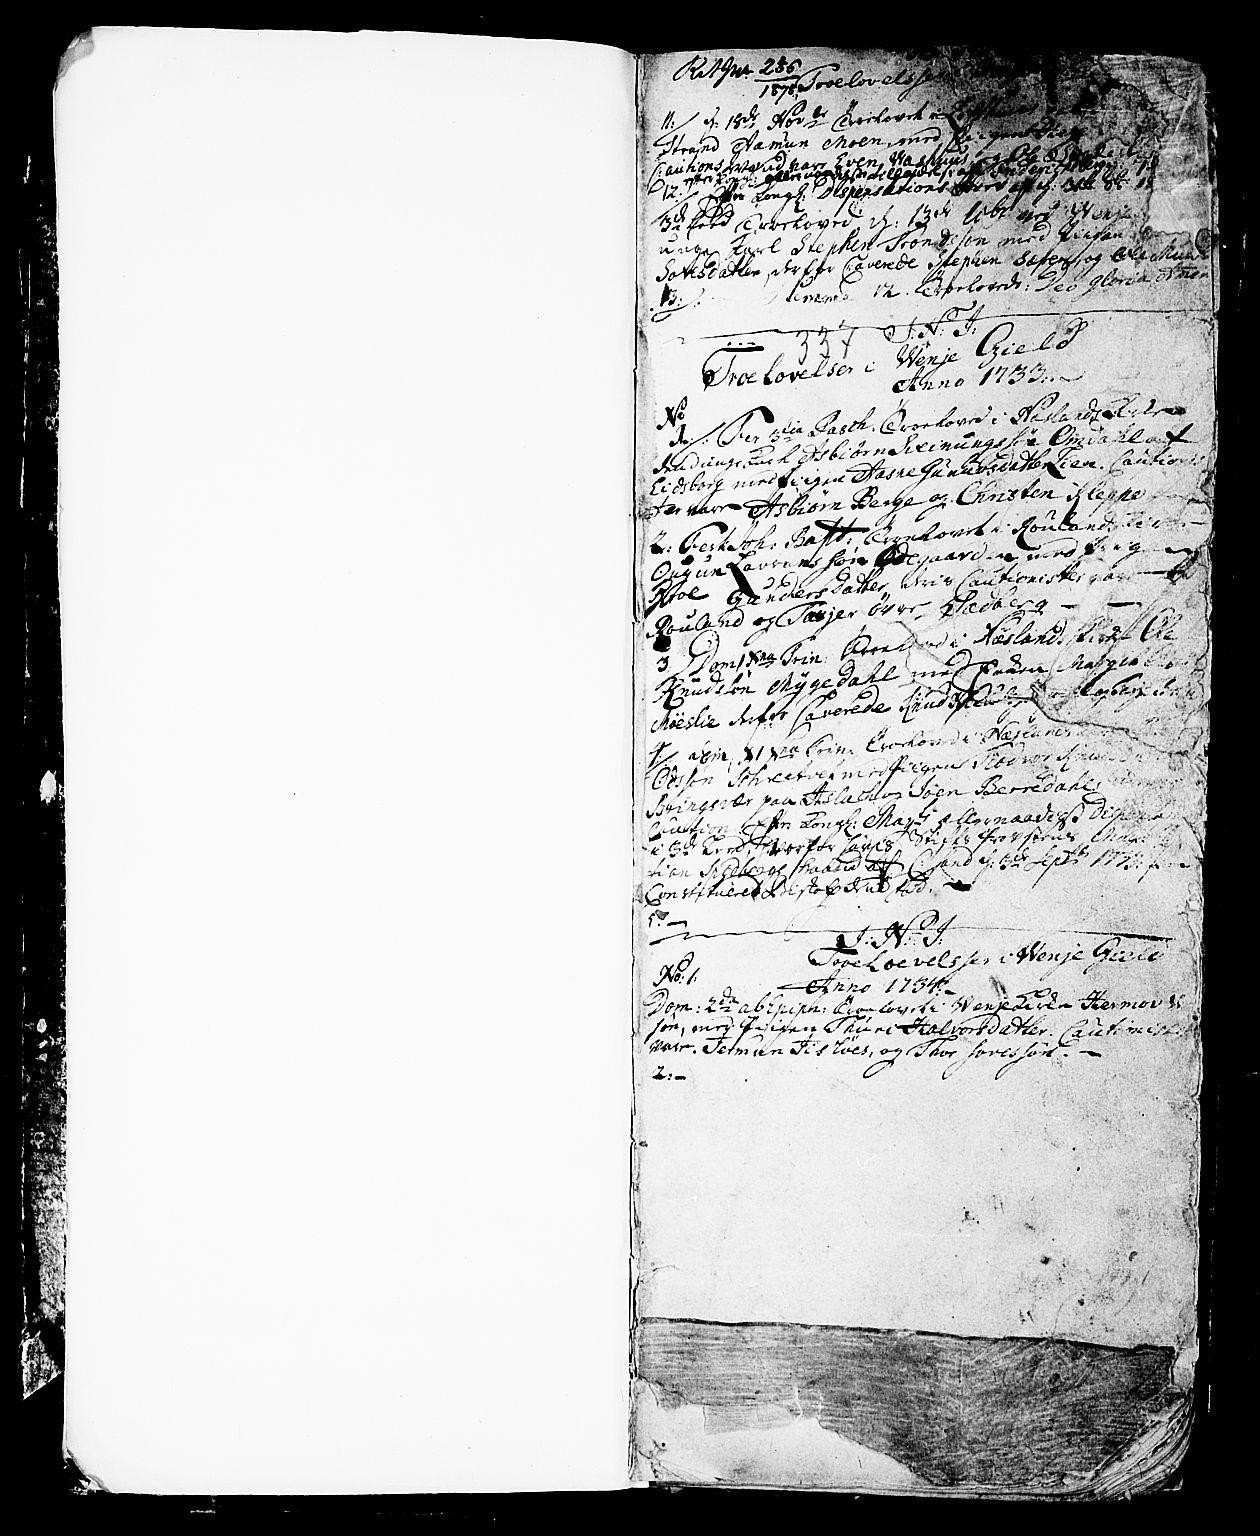 SAKO, Vinje kirkebøker, F/Fa/L0001: Ministerialbok nr. I 1, 1717-1766, s. 5